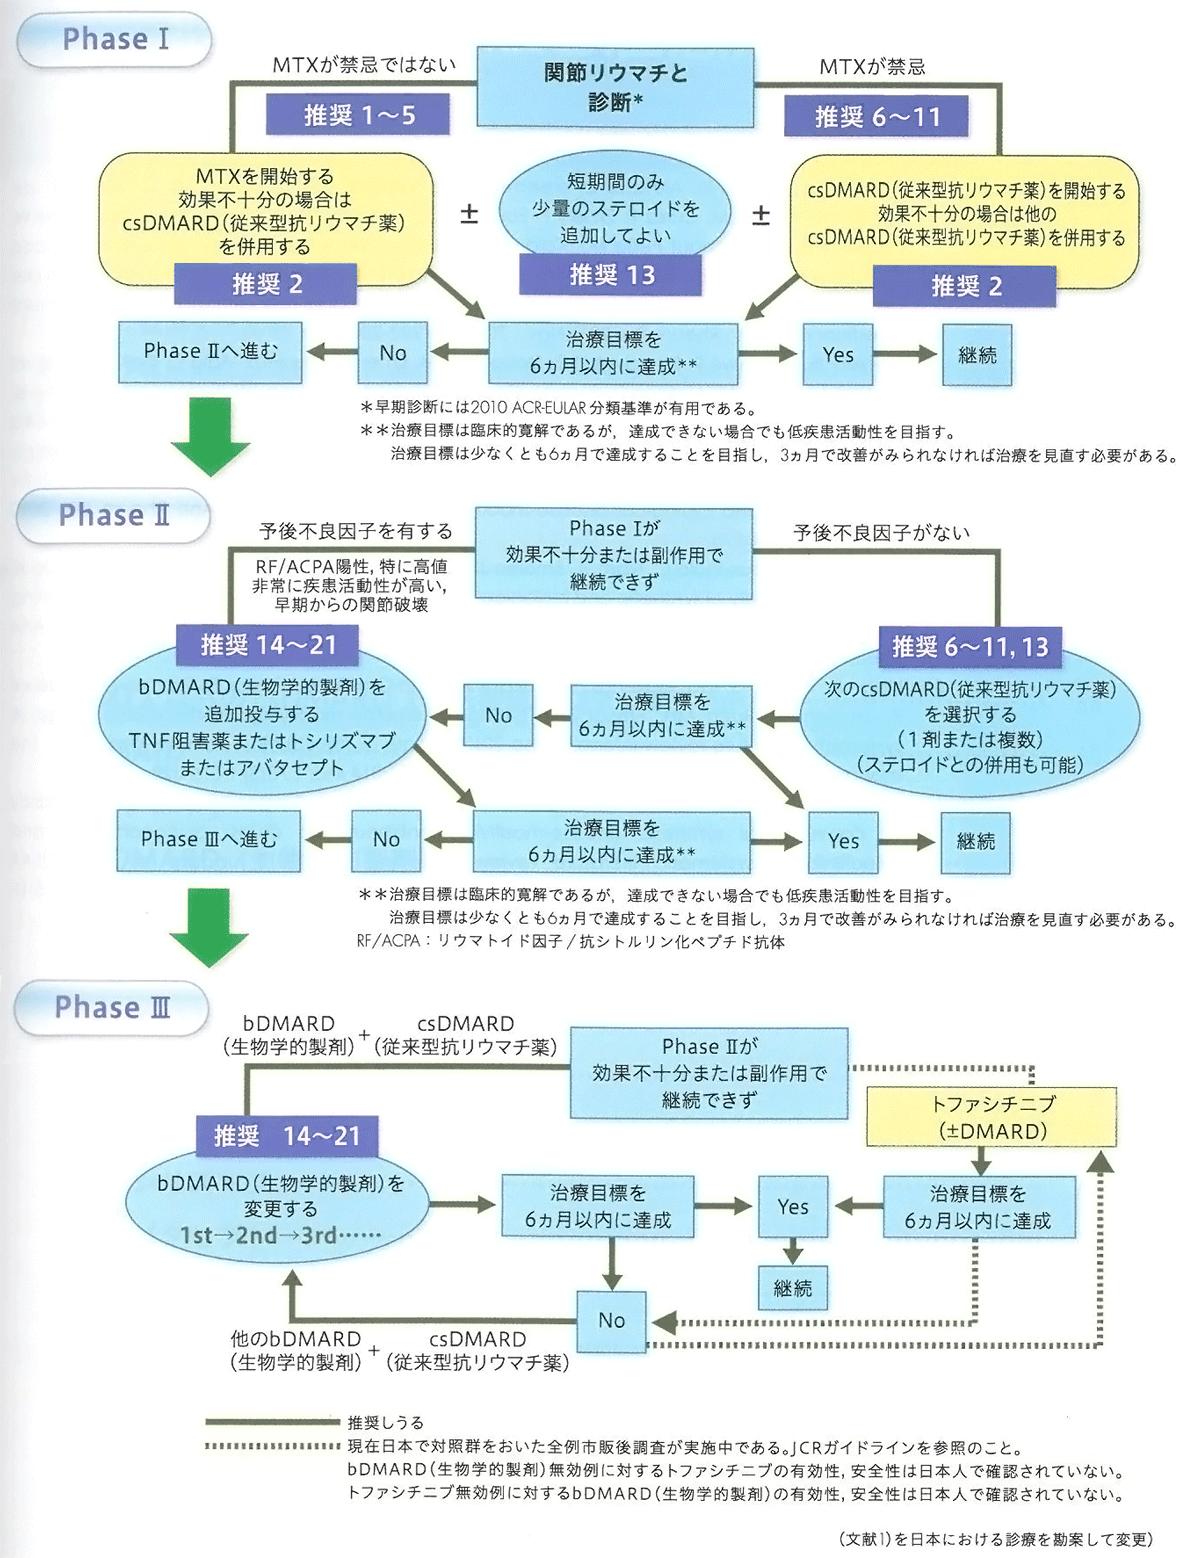 日本リウマチ学会の関節リウマチ診療ガイドライン 2014